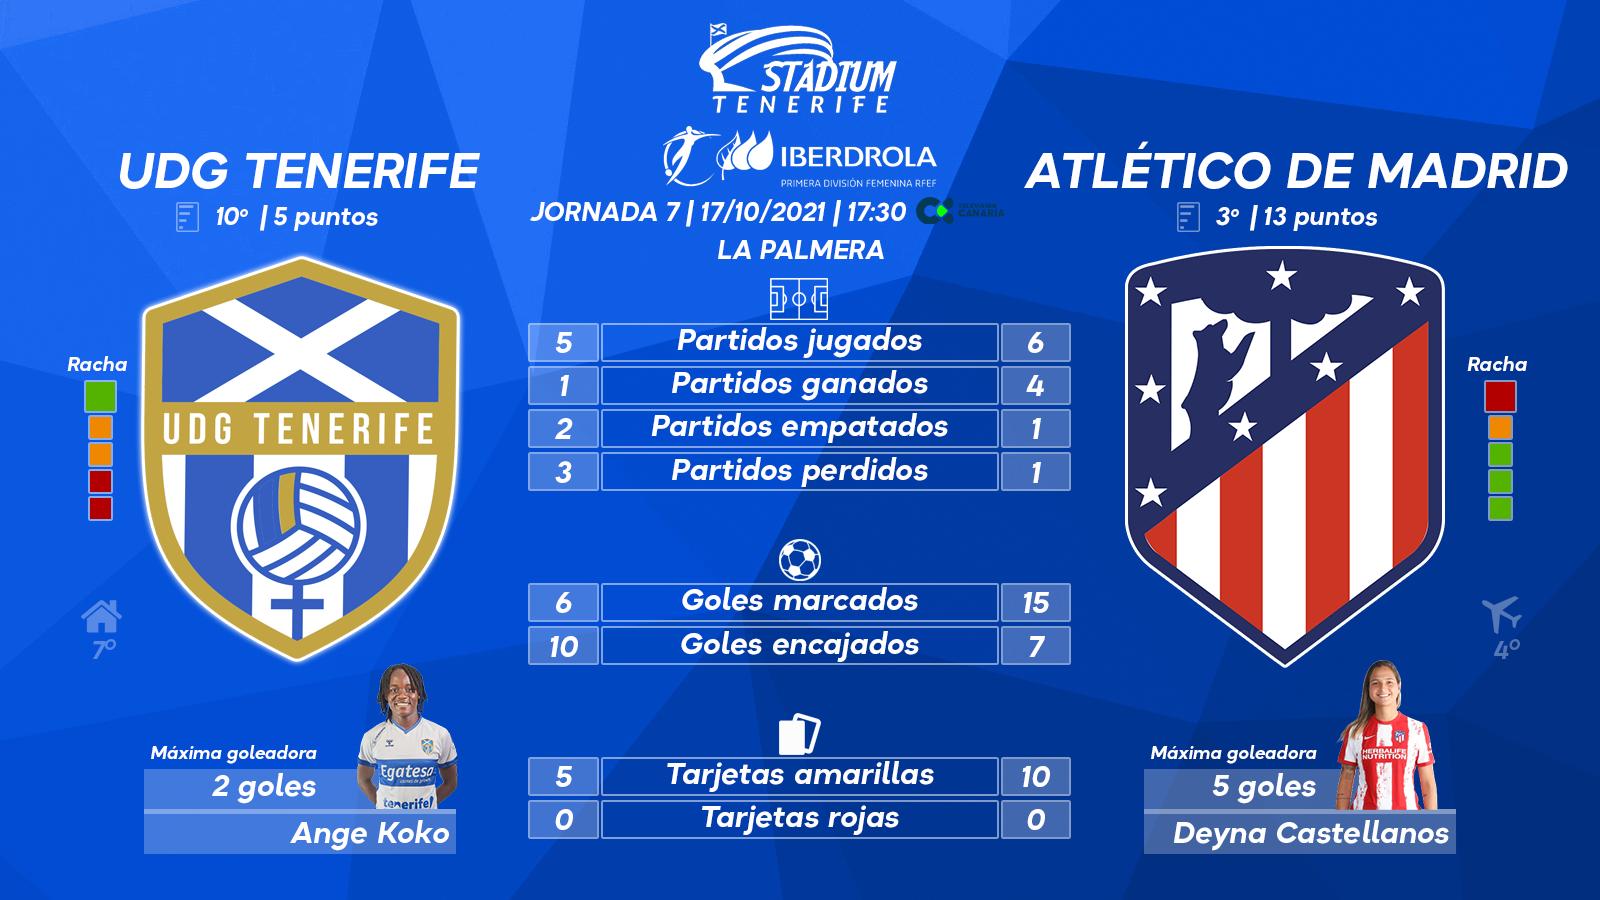 Previa del UDG Tenerife - Atlético de Madrid (7ªJ.- Primera Iberdrola)